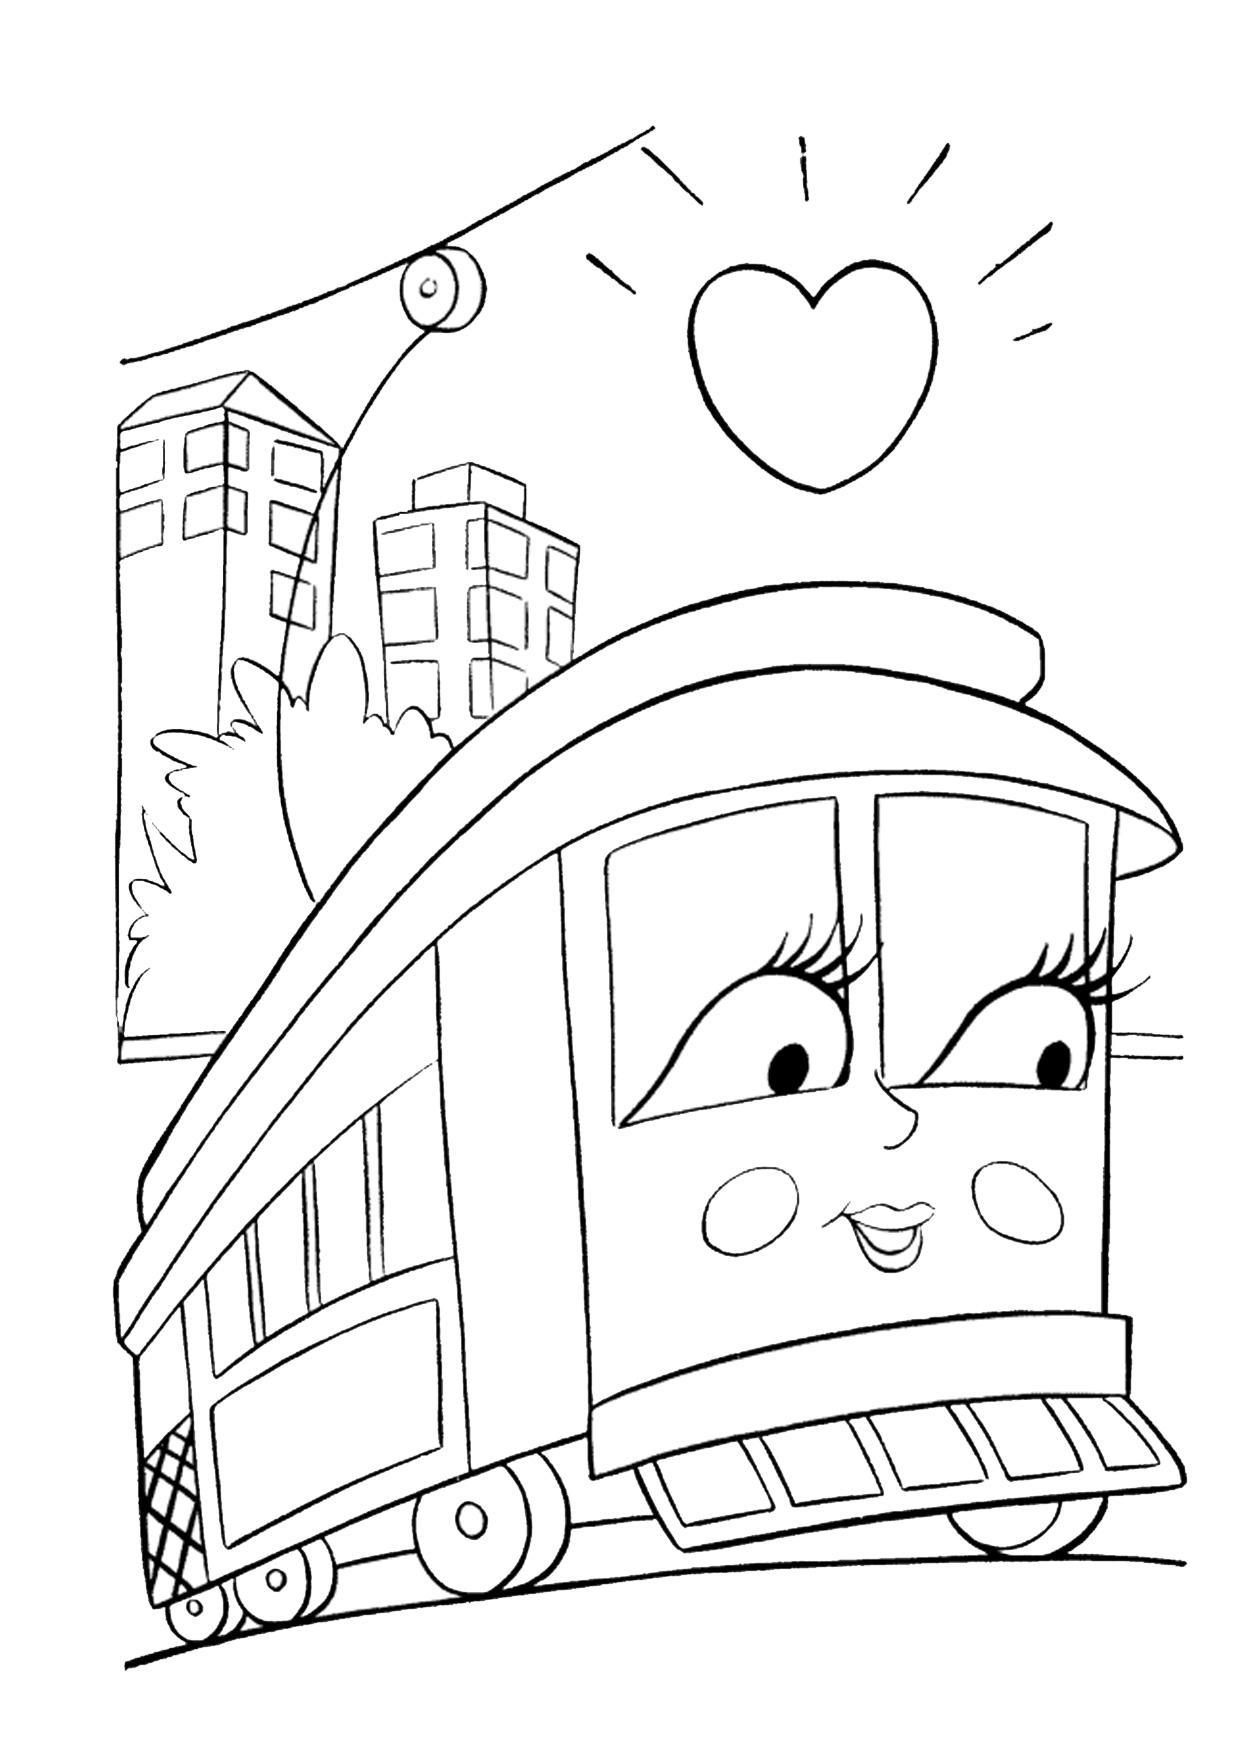 Disegno di treno cartoon da colorare 18